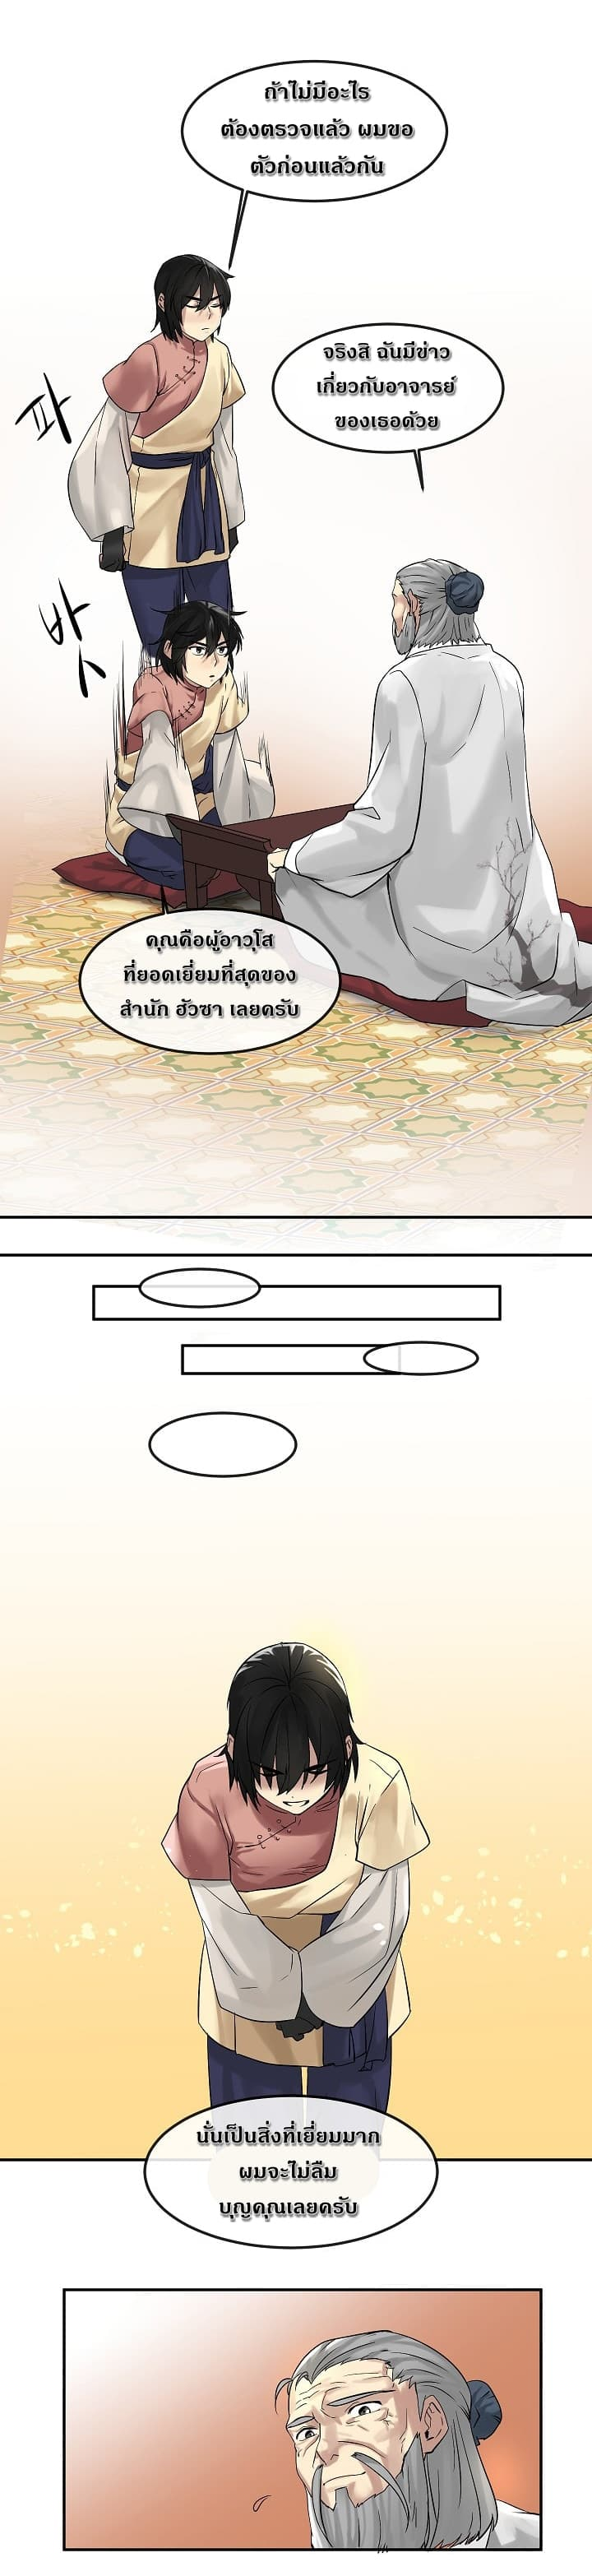 อ่านการ์ตูน Volcanic Age ตอนที่ 9 หน้าที่ 14